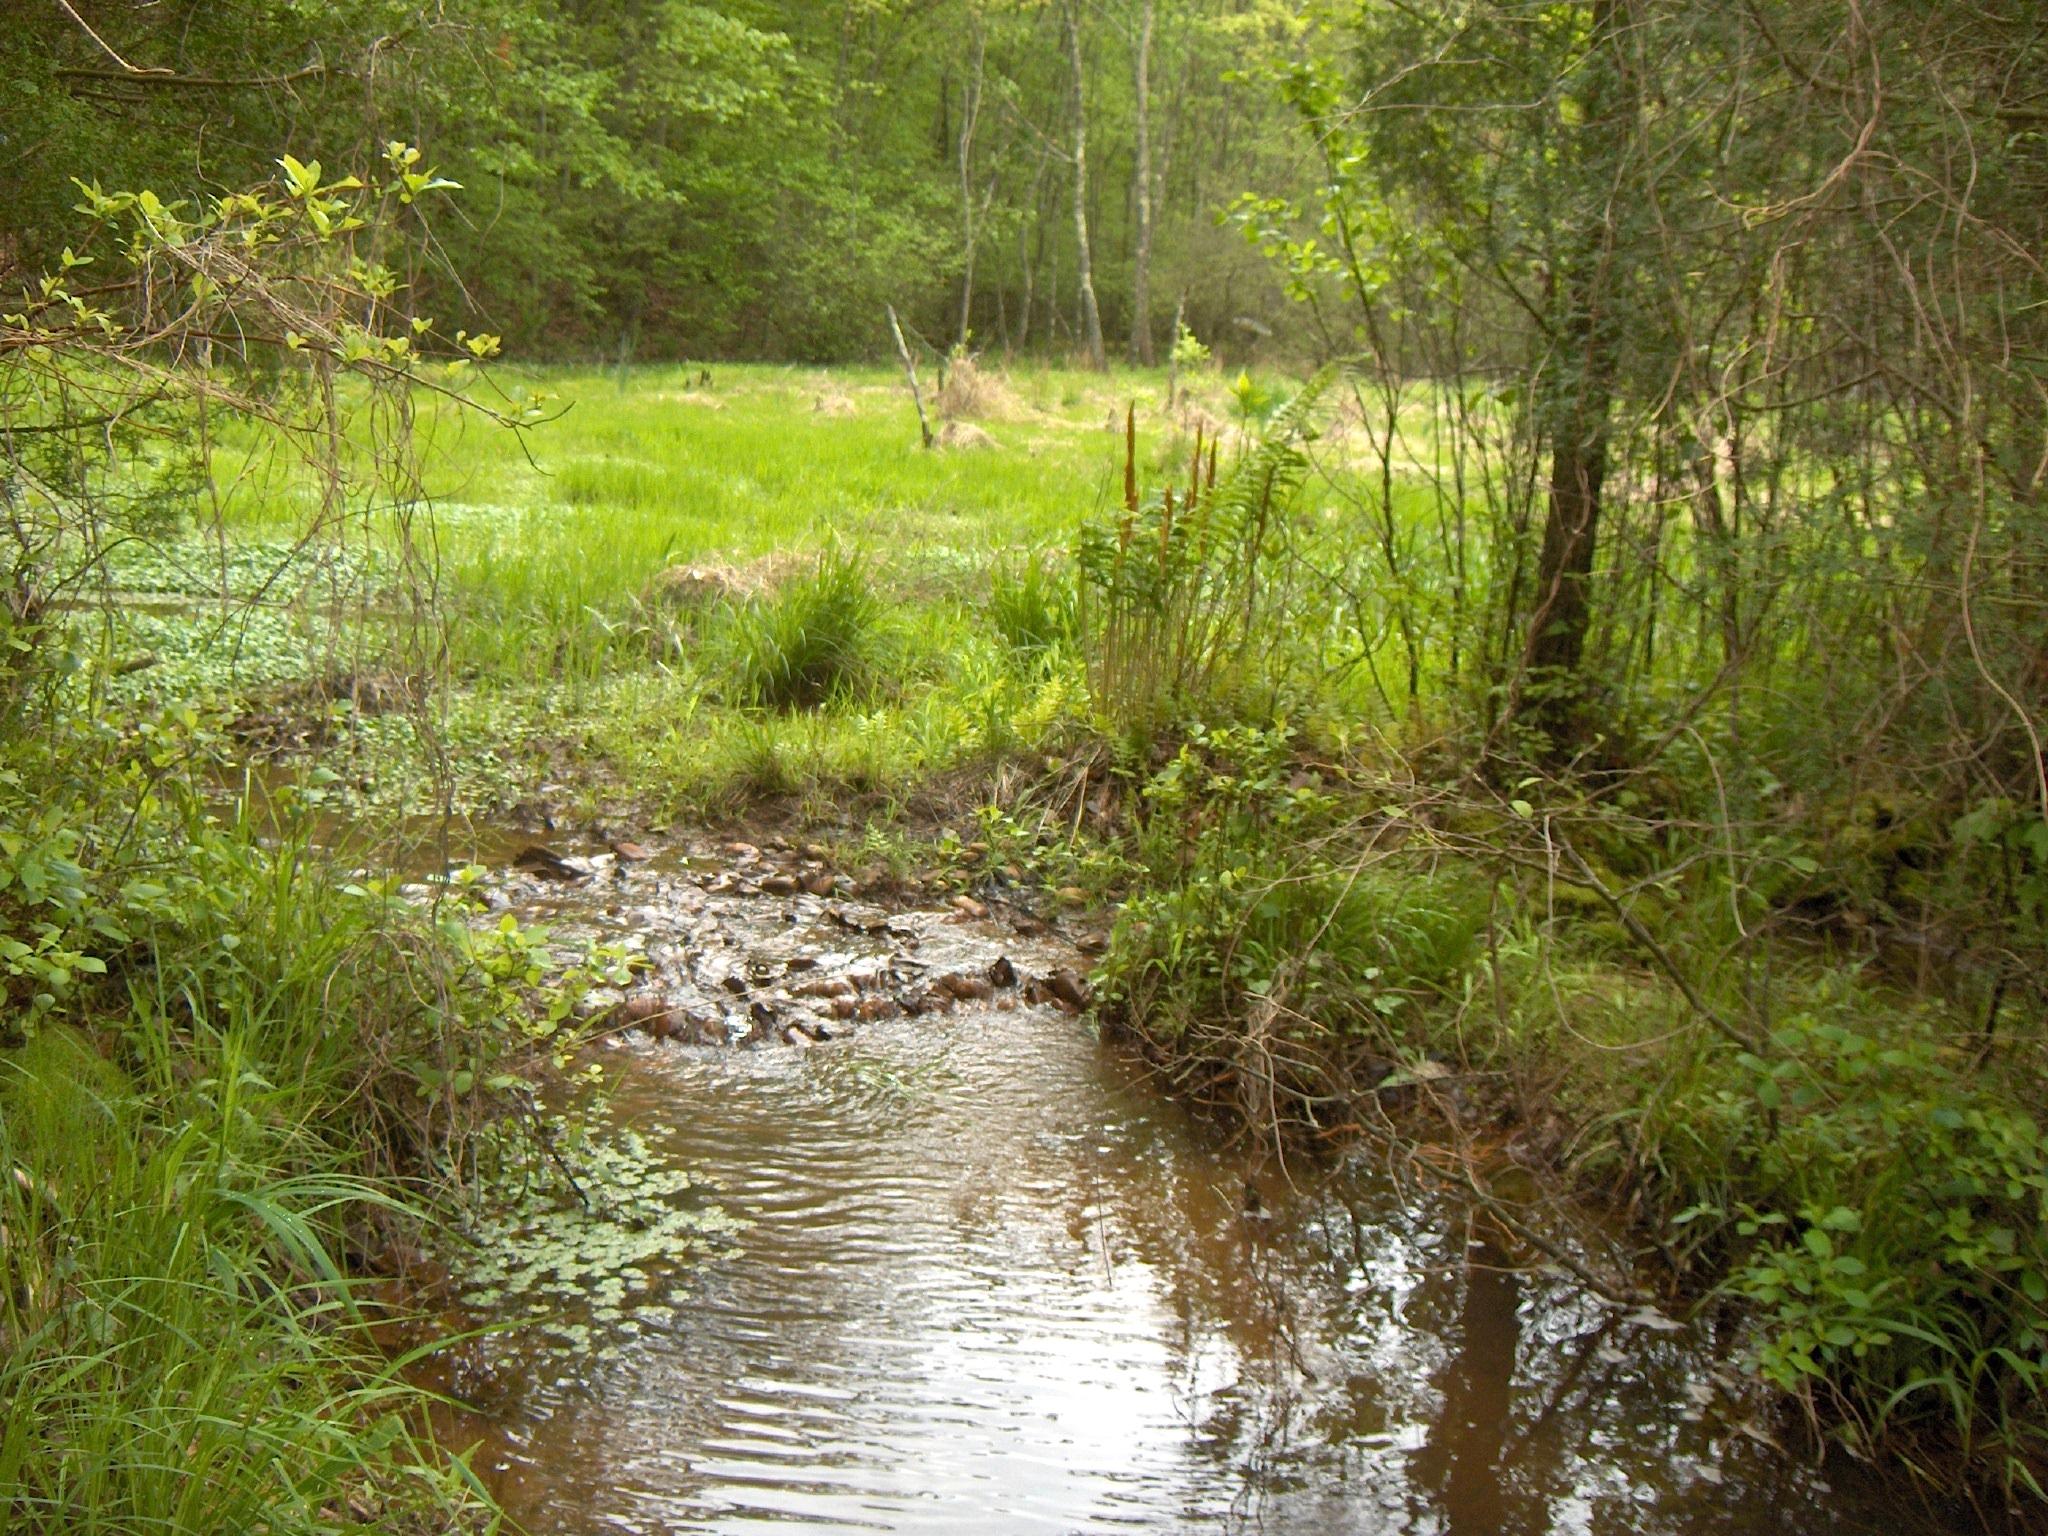 Howard's Branch Sand Seepage Wetland installed in 2001 in Brewer's Creek Watershed